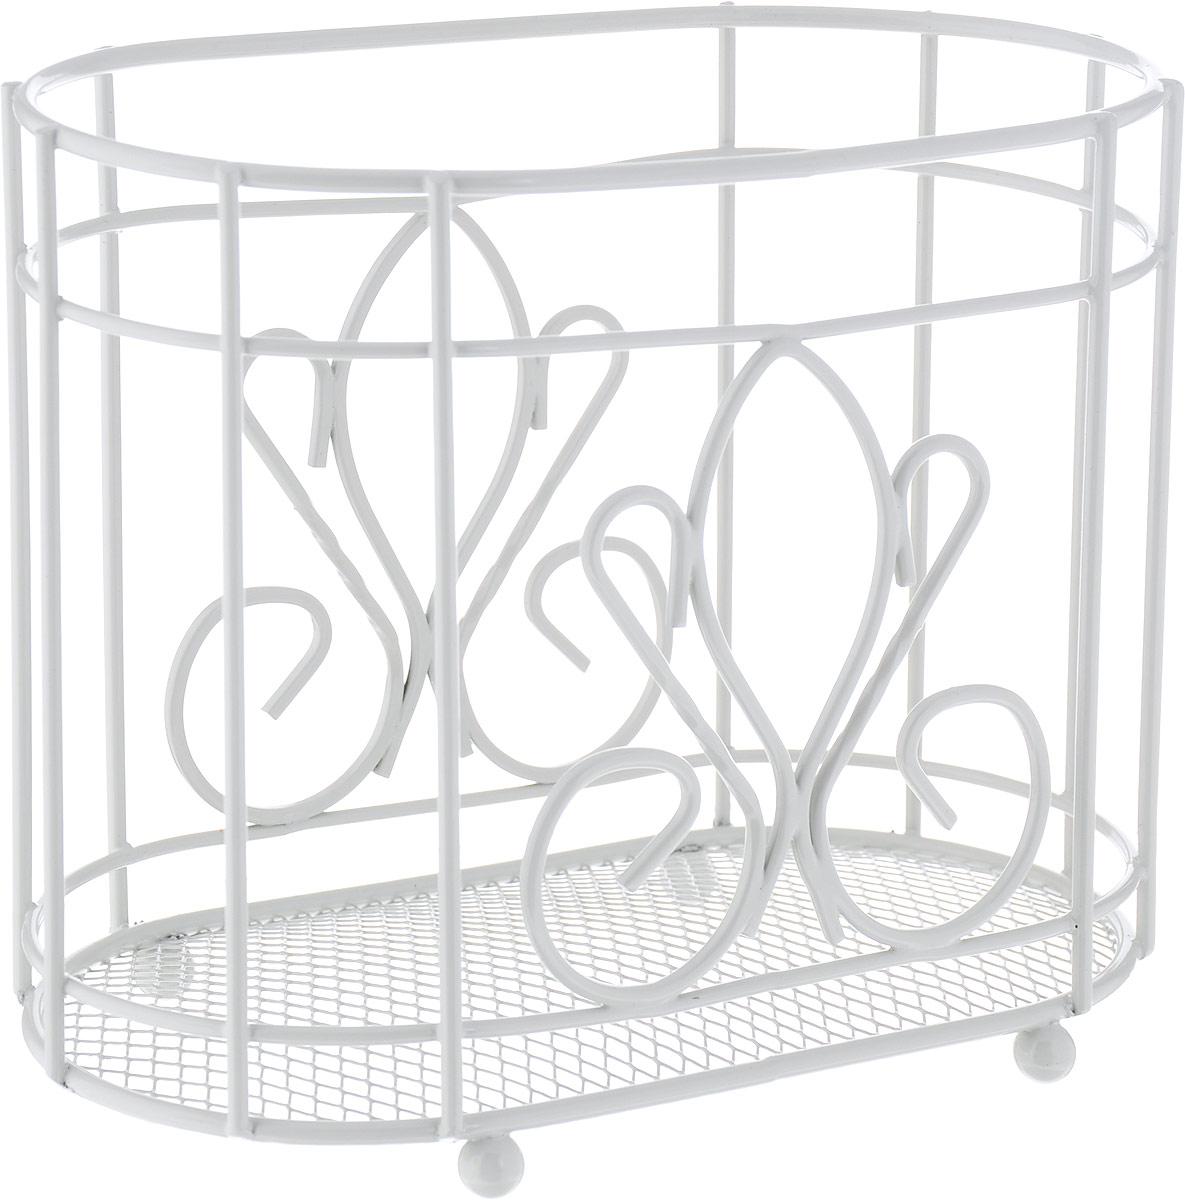 Подставка для столовых приборов Walmer Provence, цвет: белый, 18 х 10 х 15 смW14004115_белыйПодставка для столовых приборов Walmer Provence, цвет: белый, 18 х 10 х 15 см